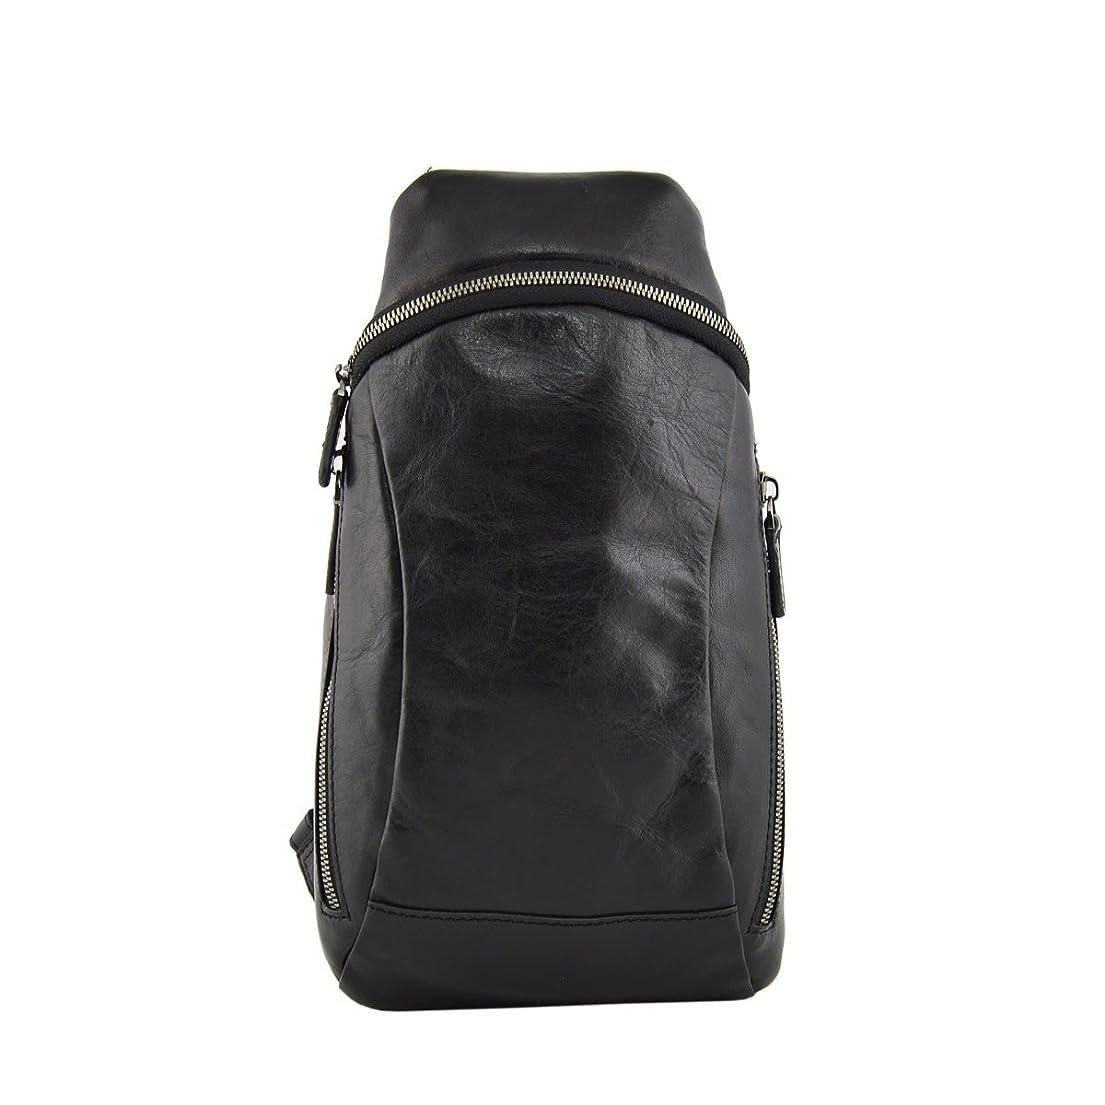 ジョブボウリング添付Dream Leather Bags Made in Italy Genuine Leather メンズ US サイズ: 1 カラー: ブラック